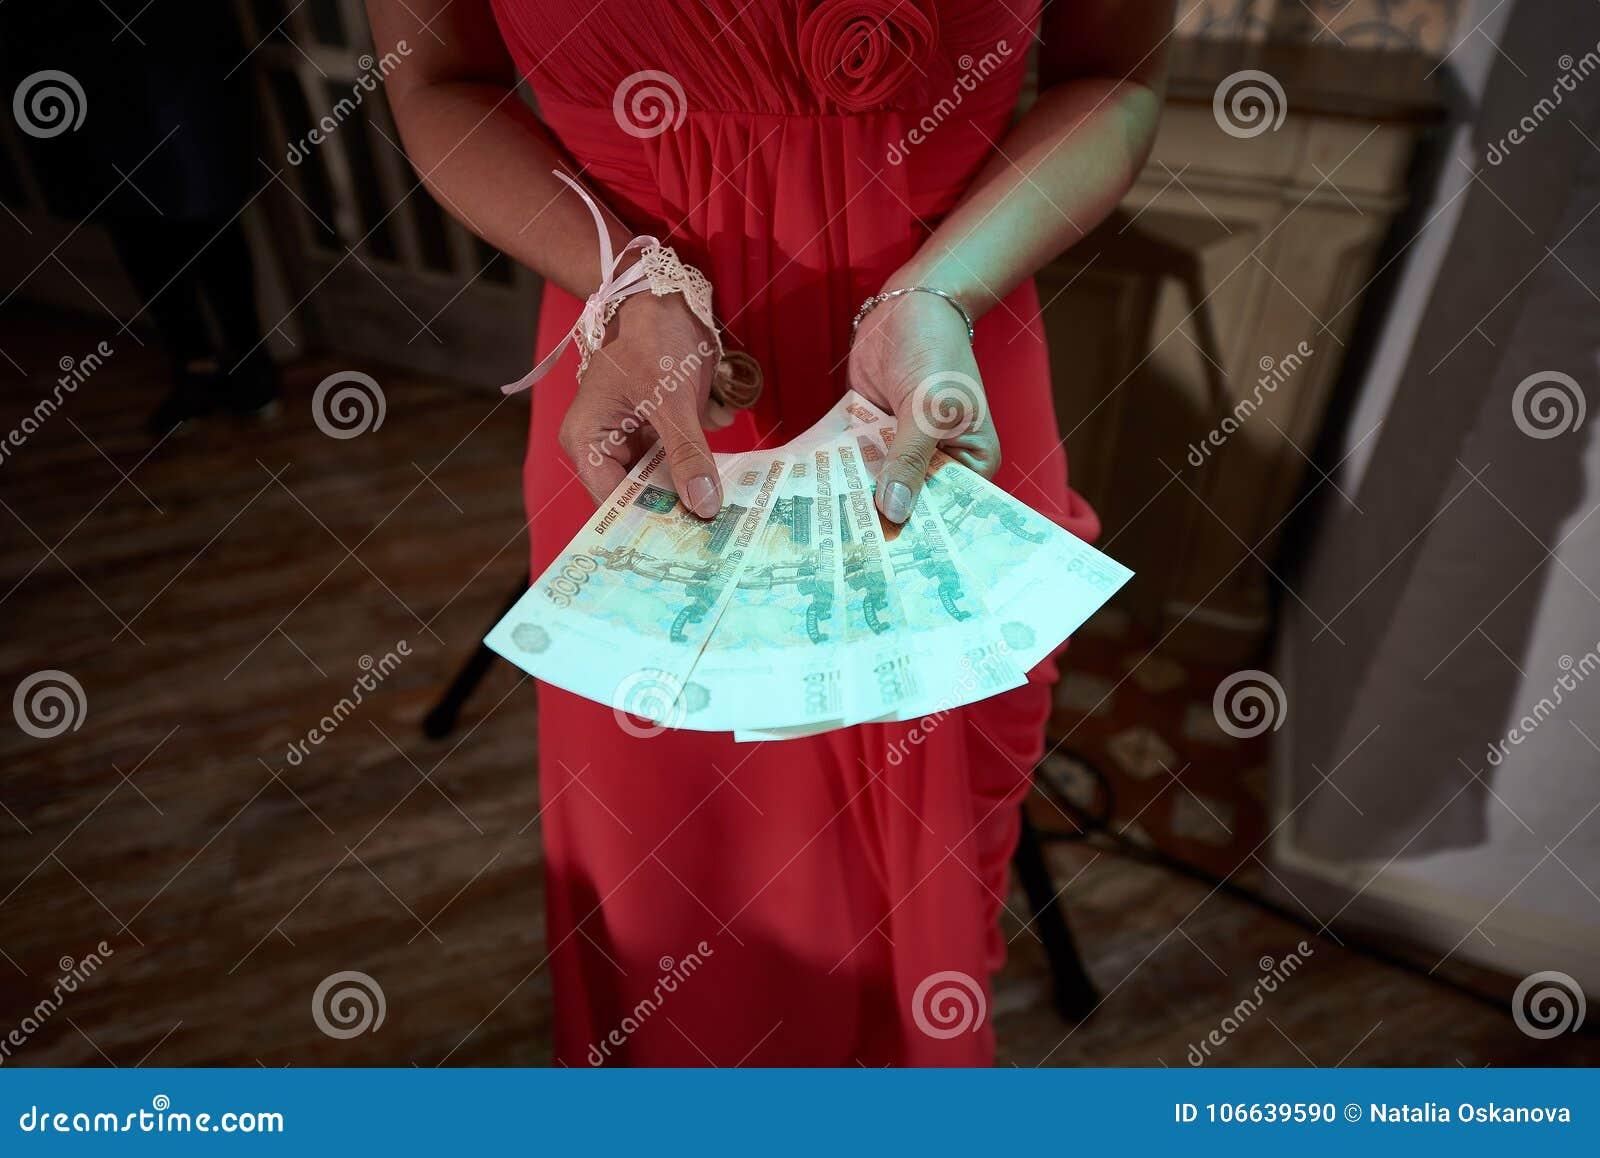 Конец вверх по женщине в красном платье держит деньги